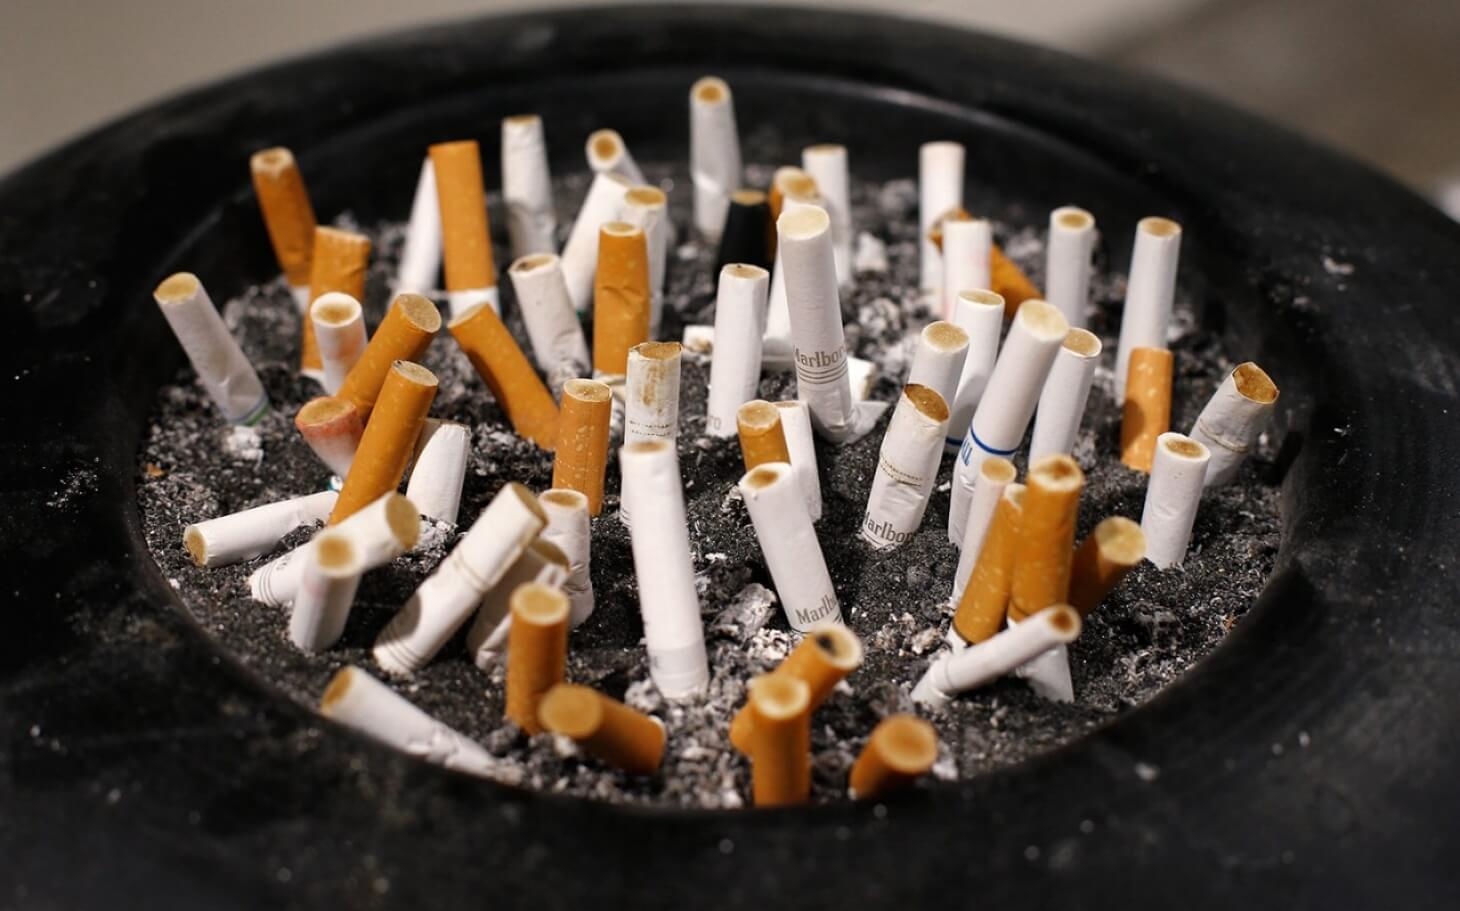 headlineImage.adapt_.1460.high_.Smoking_HUD_111215.1447351765657  Lei contra o fumo em Quebec:  Já não se pode fumar em terraços de bares e restaurantes headlineImage